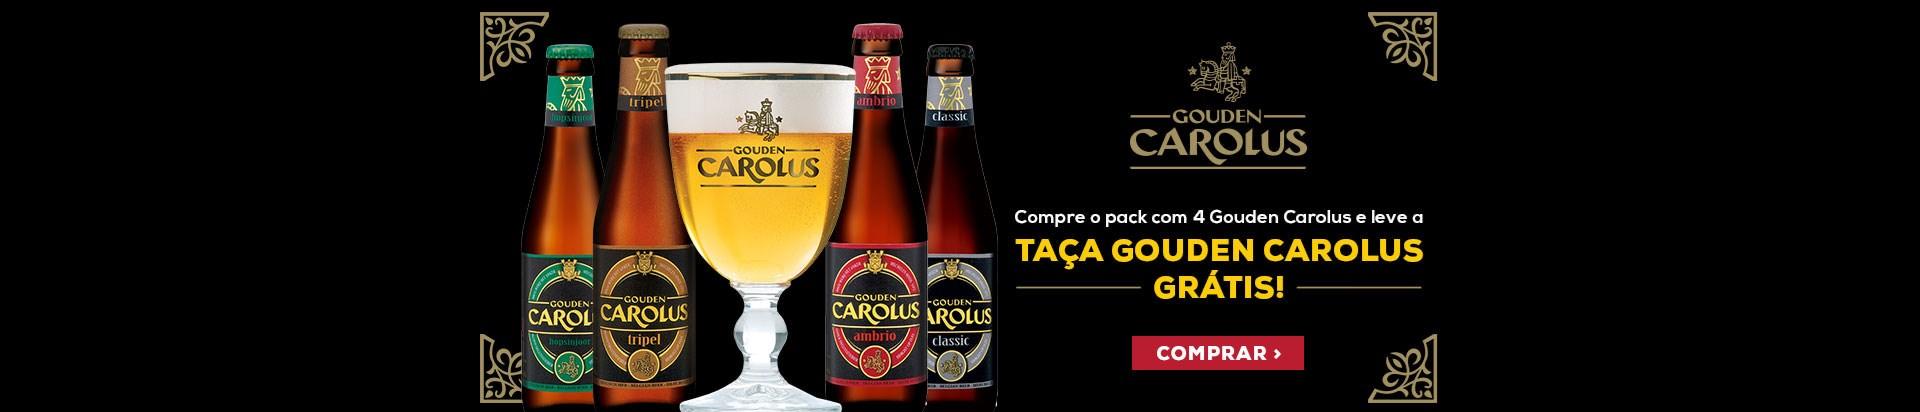 Pack Gouden Carolus